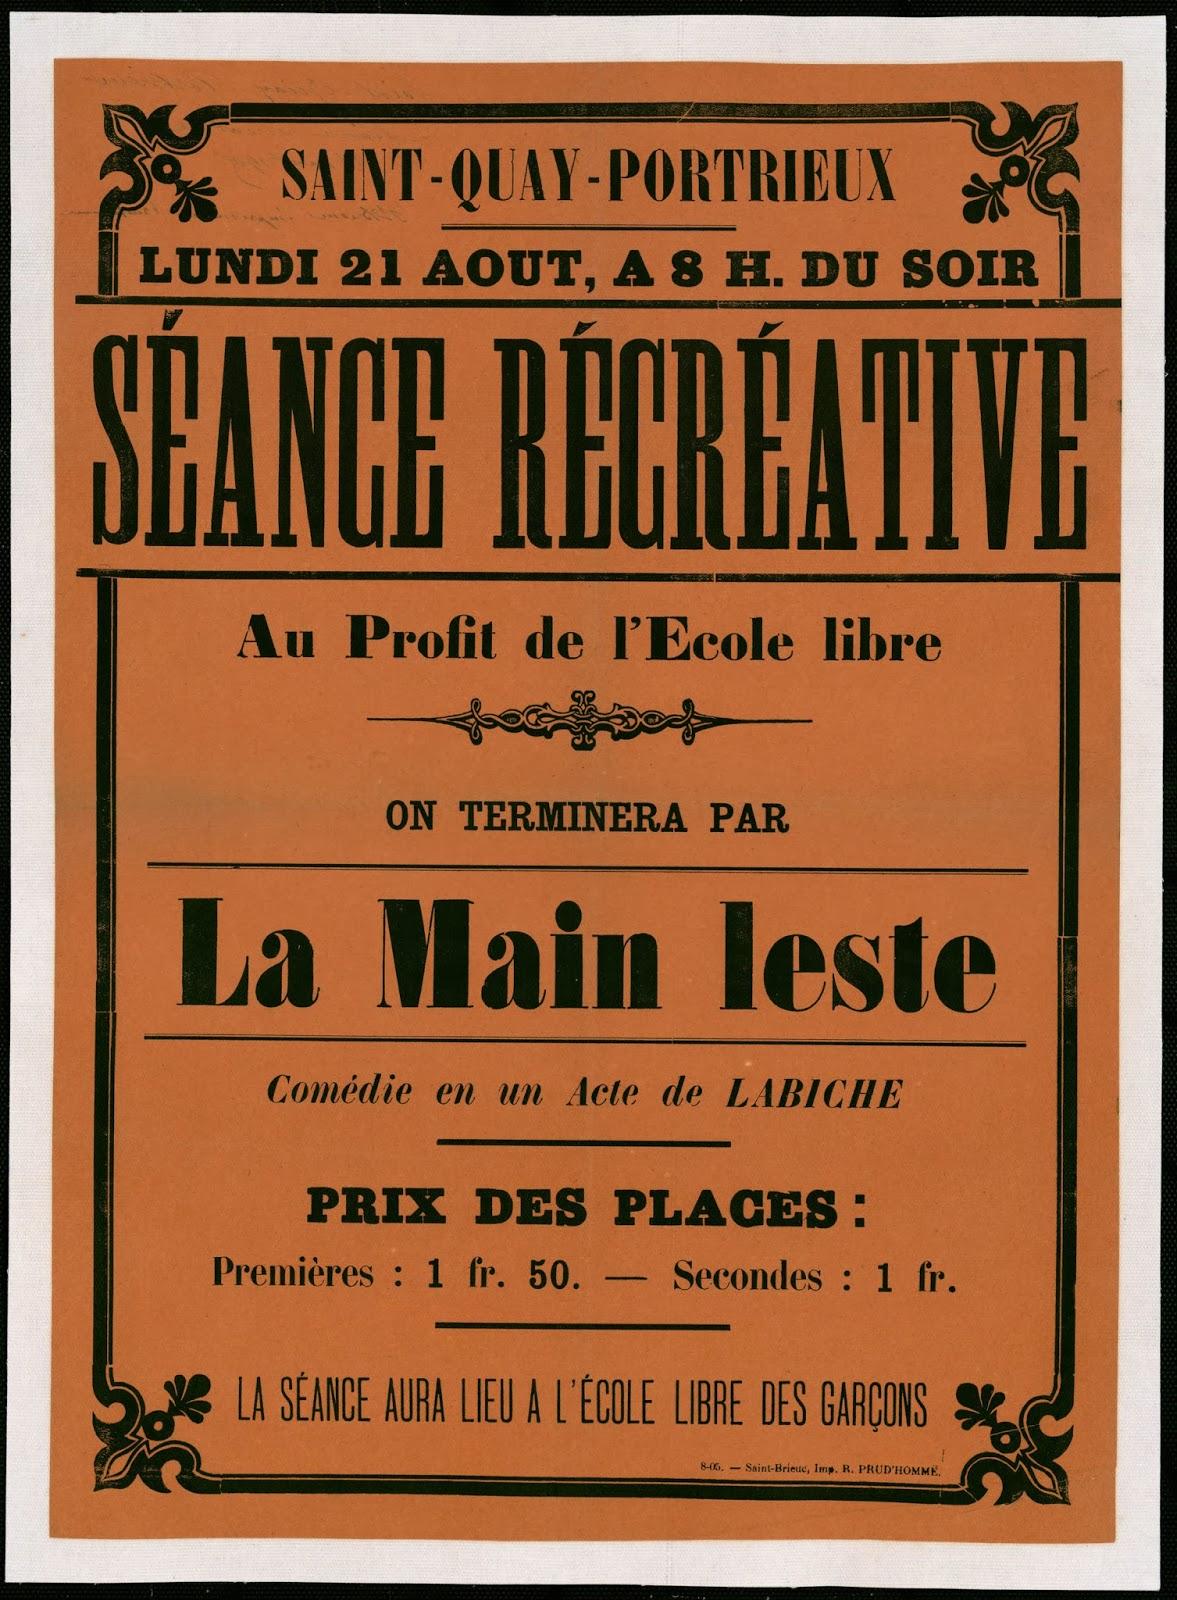 Souvent Saint-Quay-Portrieux d'antan: Affiches et cartes publicitaires FL65